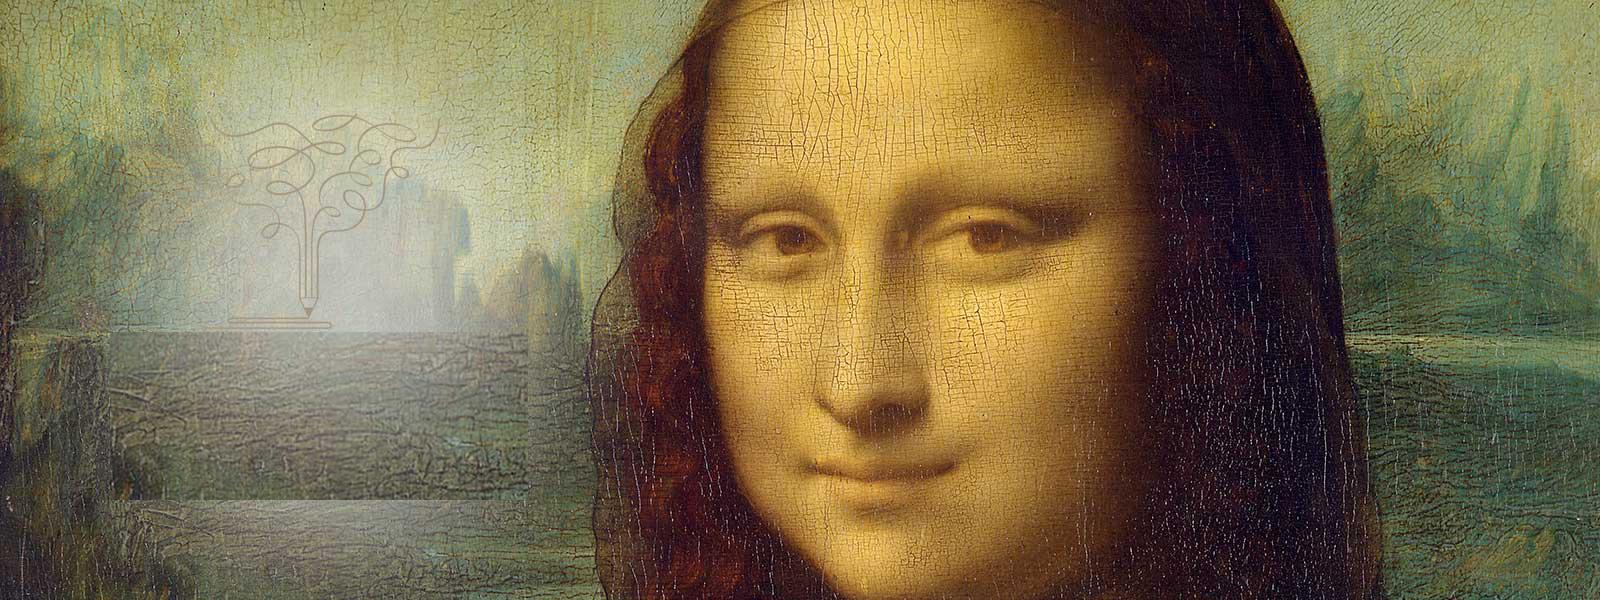 Online Olarak Gezebileceğiniz Yurtiçi ve Uluslararası Müzeler